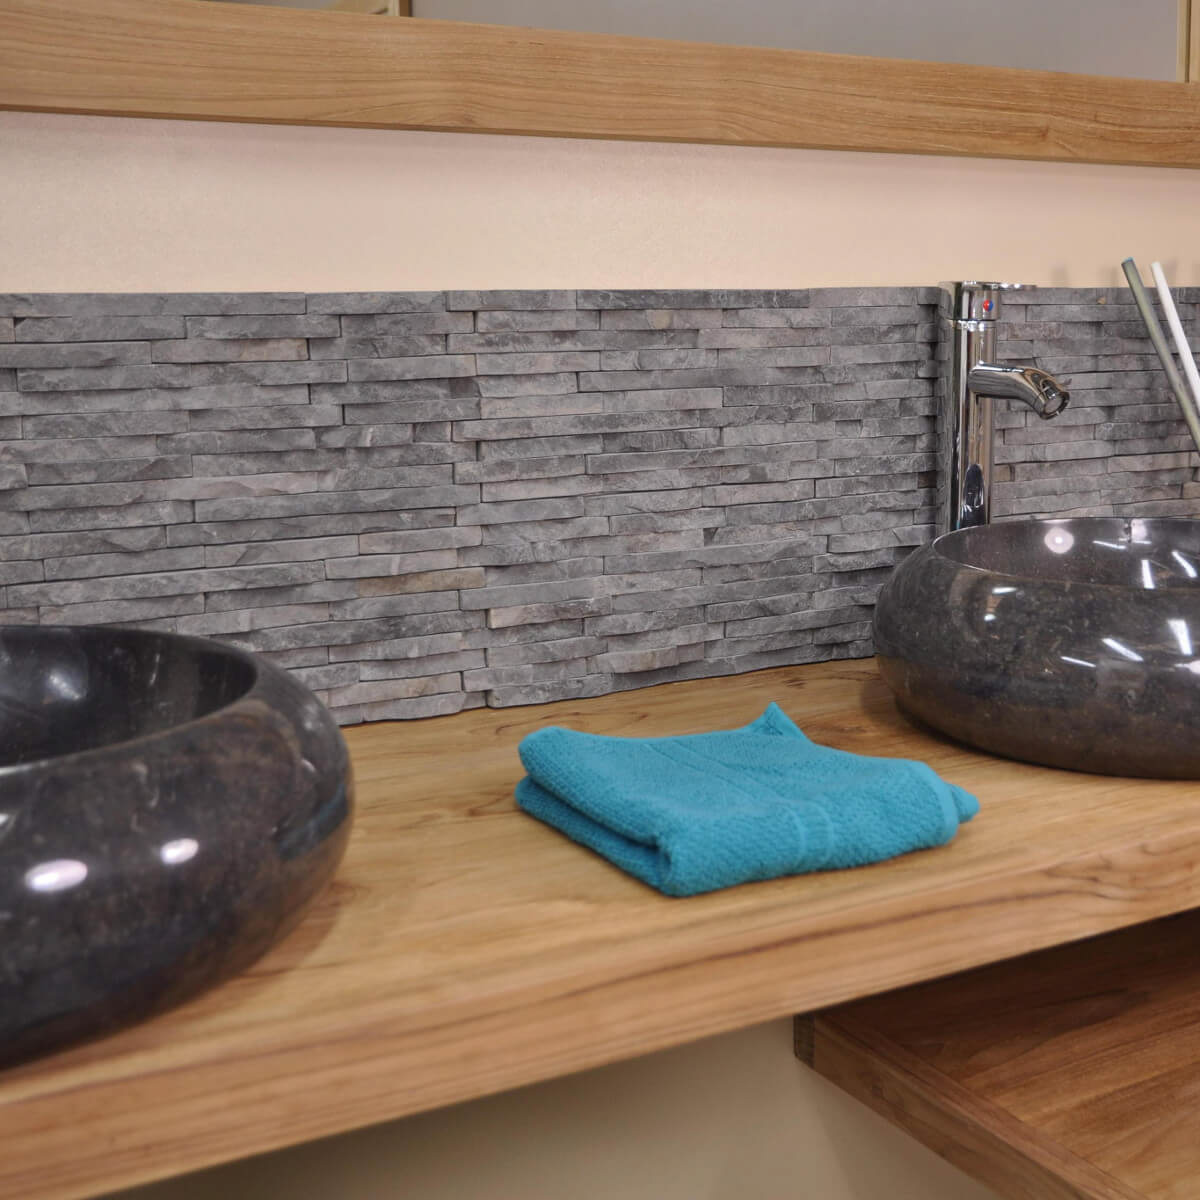 Neuf parement en pierre naturelle marbre brut gris noir - Wanda collection ...